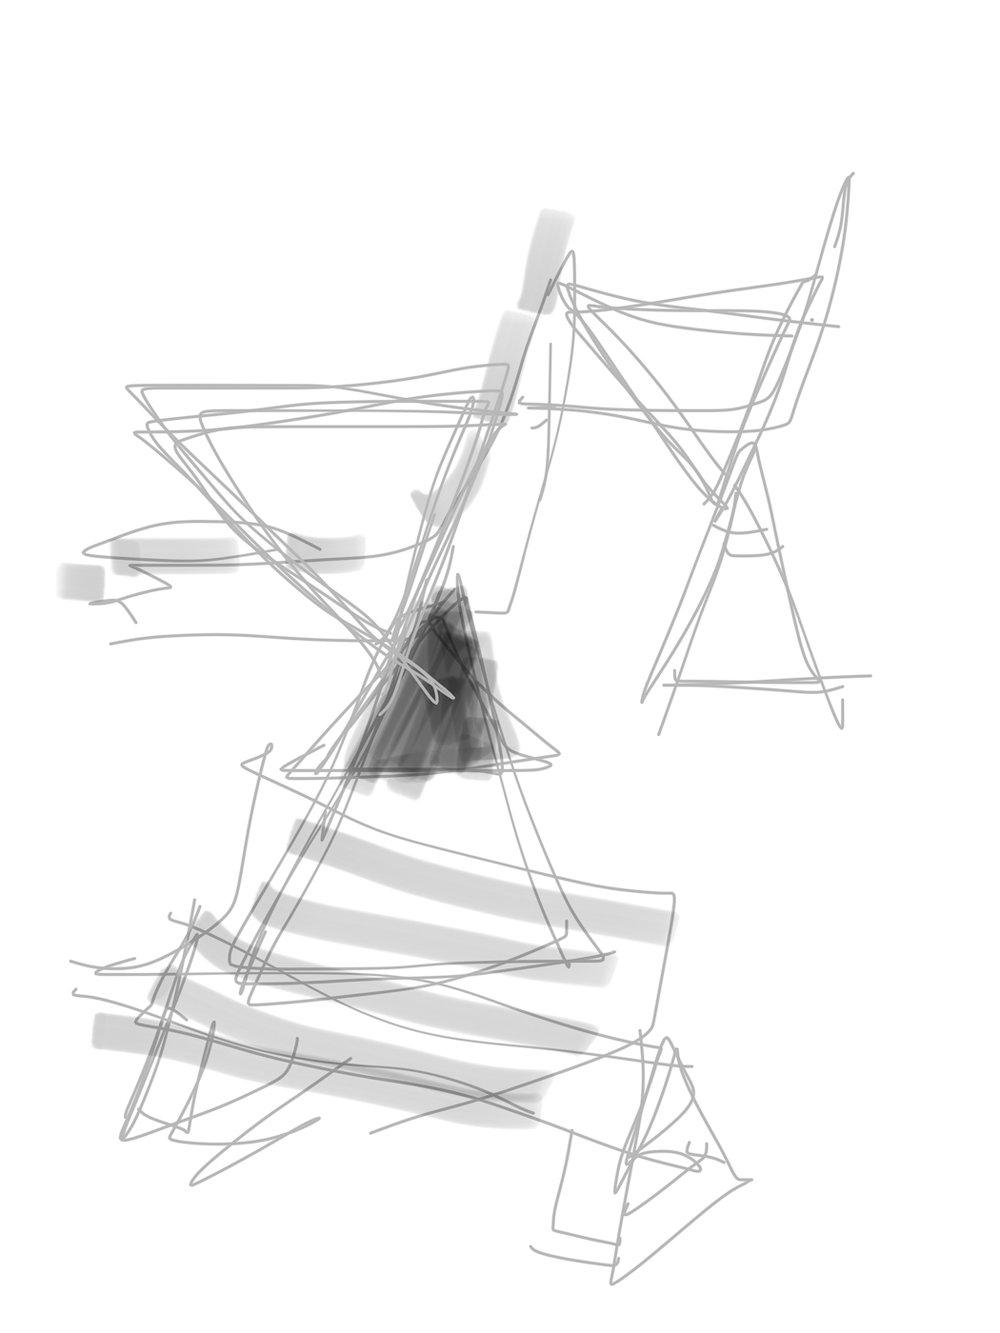 Sketch-366.jpg